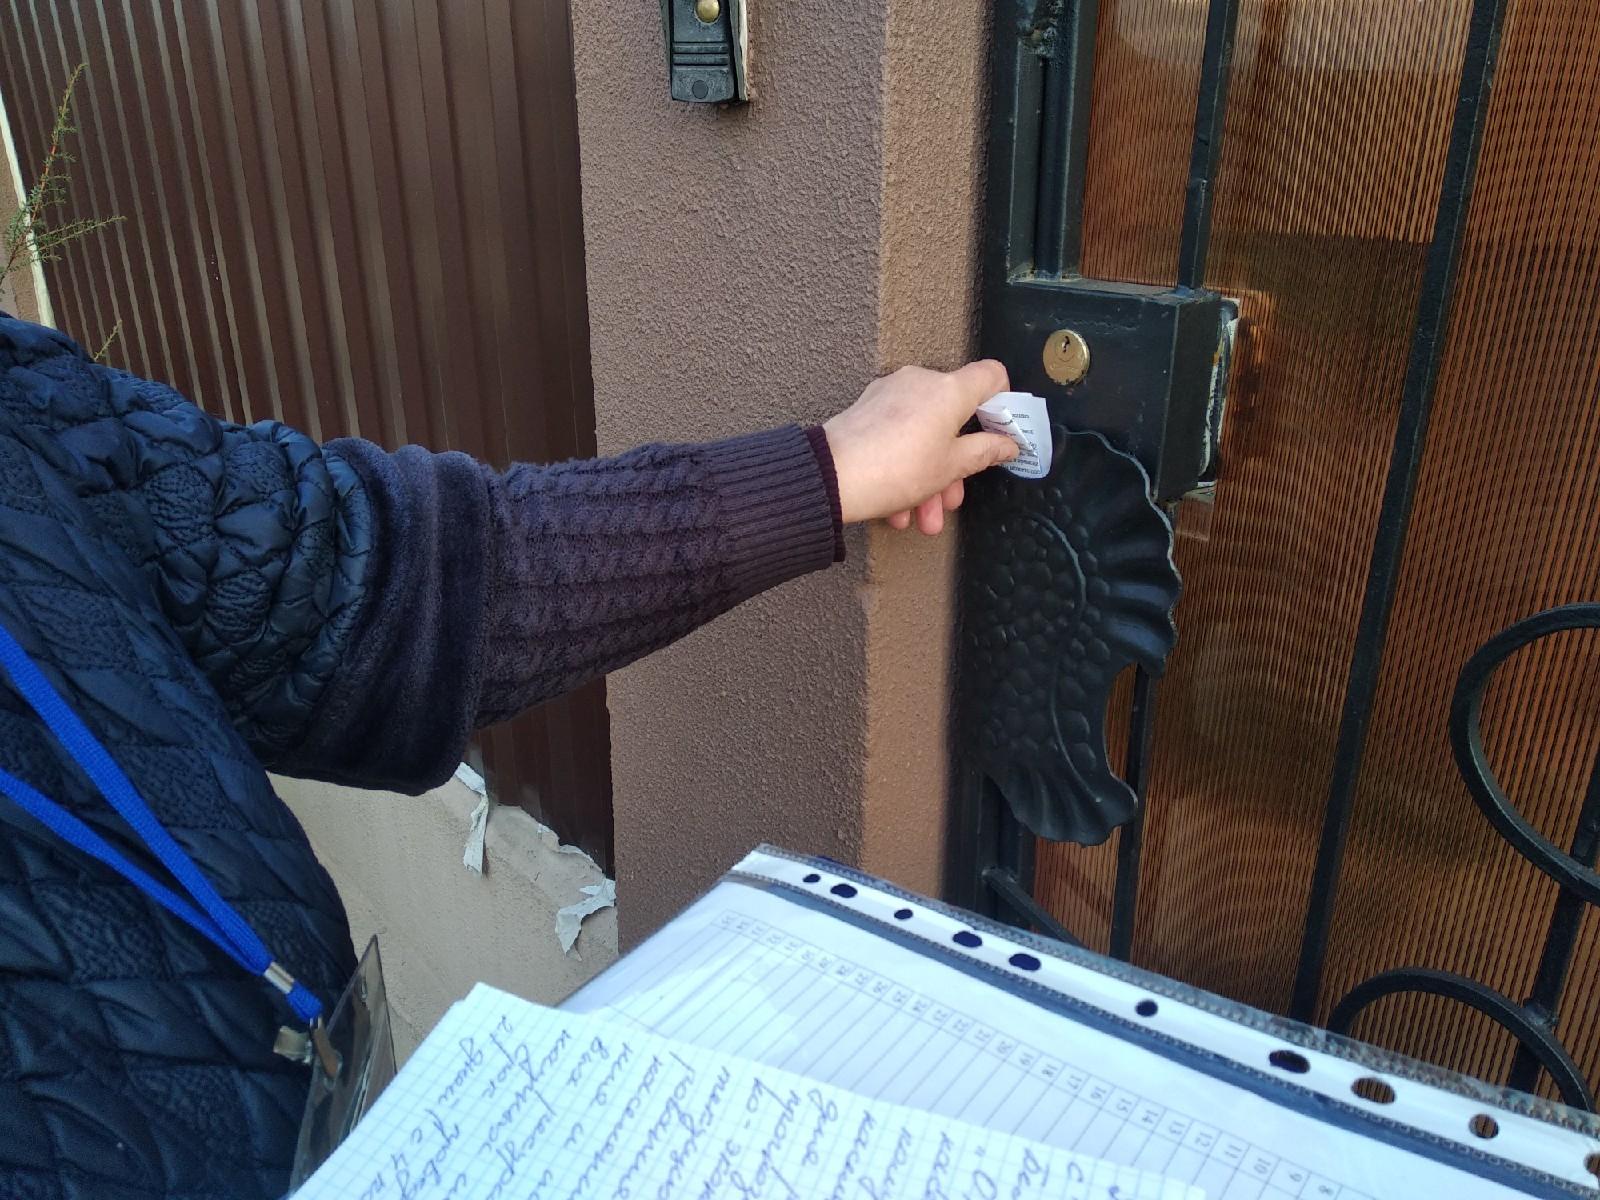 Тамара Анатольевна оставляет уведомление в  калитке. Фото: Ирина Комик